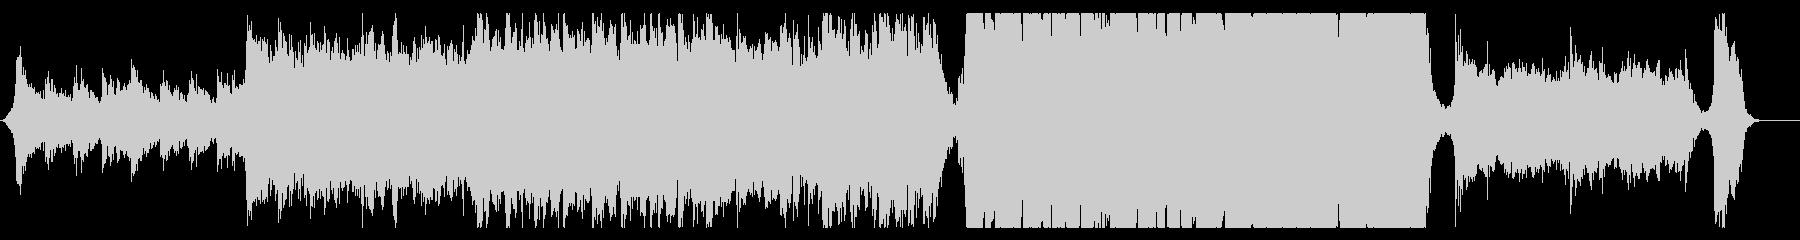 ハリウッド映画風の壮大なオーケストラ8Dの未再生の波形